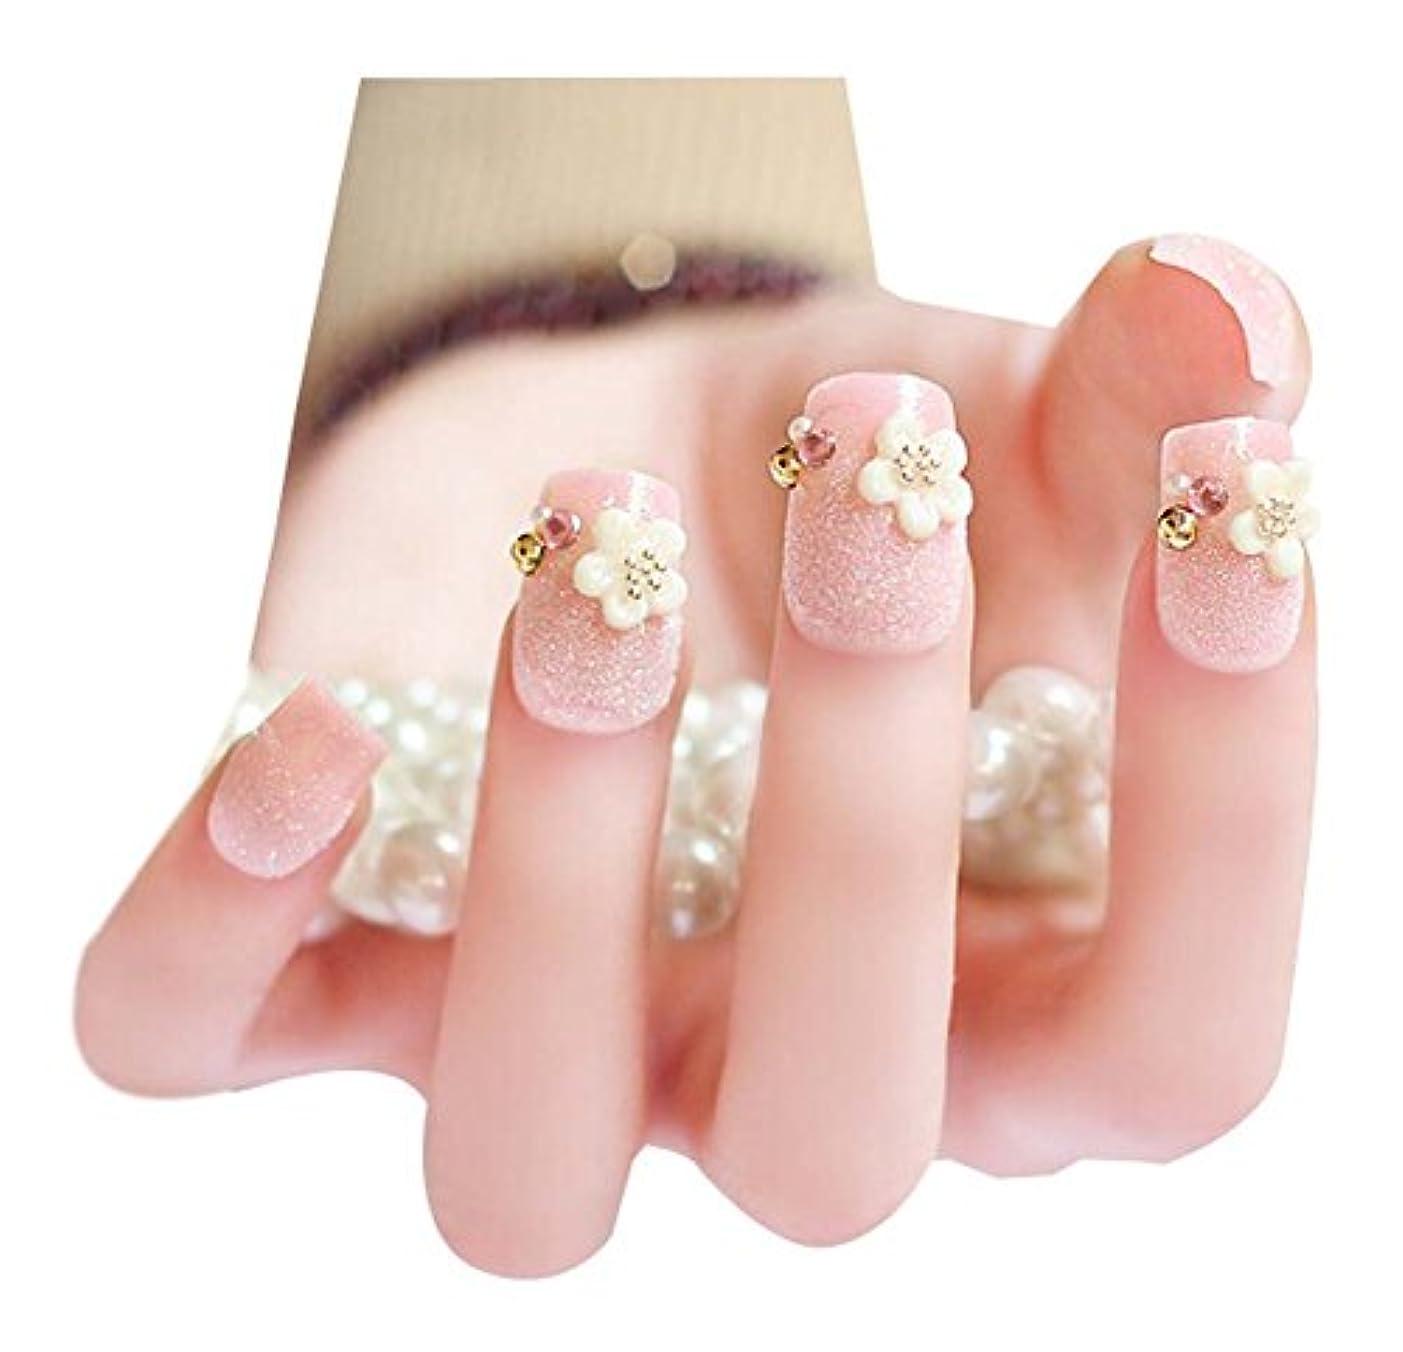 安西狂うゆるい素敵なピンクのビーズの花DIY 3Dの偽の釘の結婚式の偽のネイルアート、2パック - 48枚